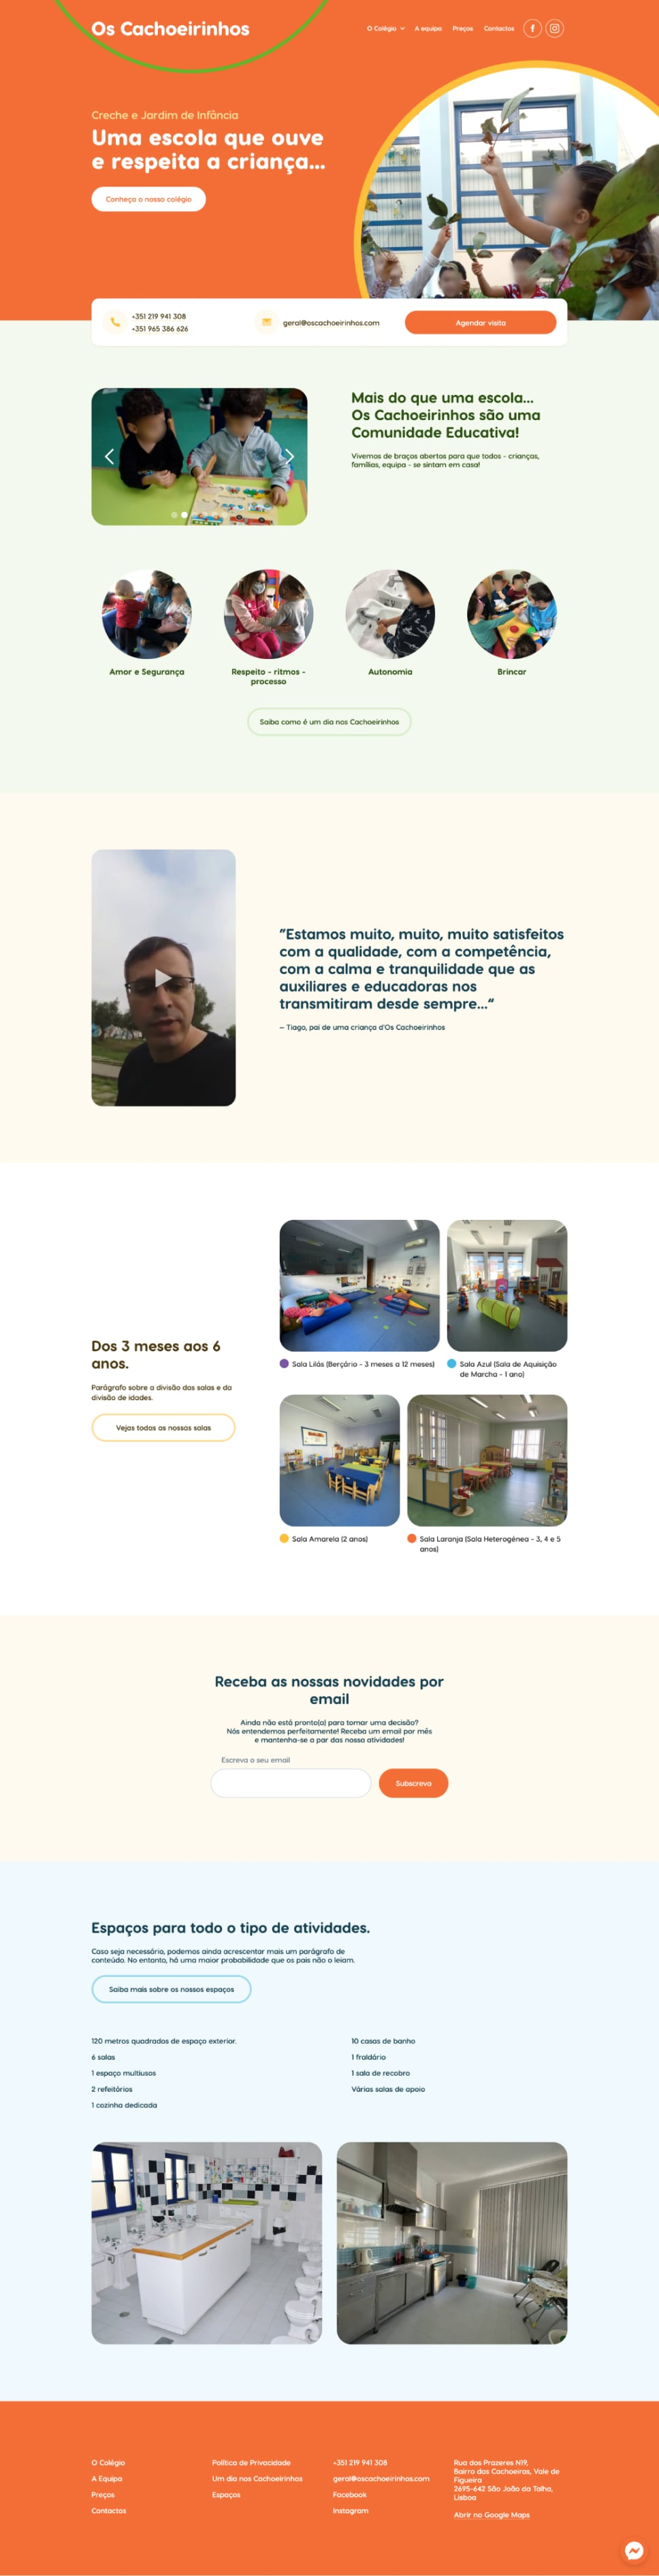 Screenshot of Os Cachoeirinhos website